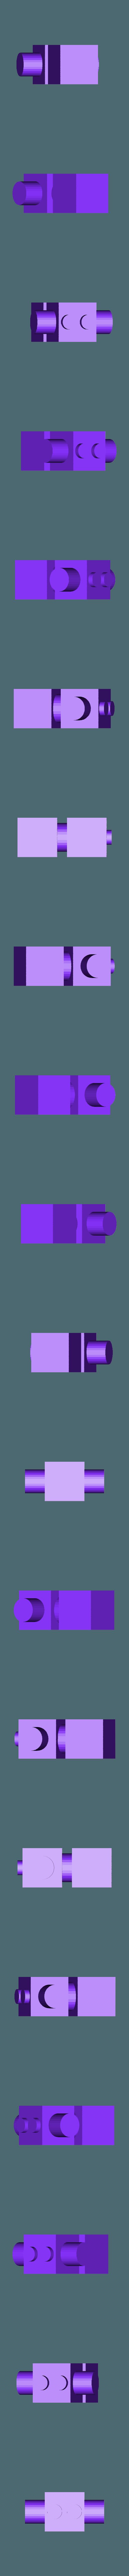 Invation Robot.stl Download free STL file Invation robots • 3D printing object, Janis_Bruchwalski